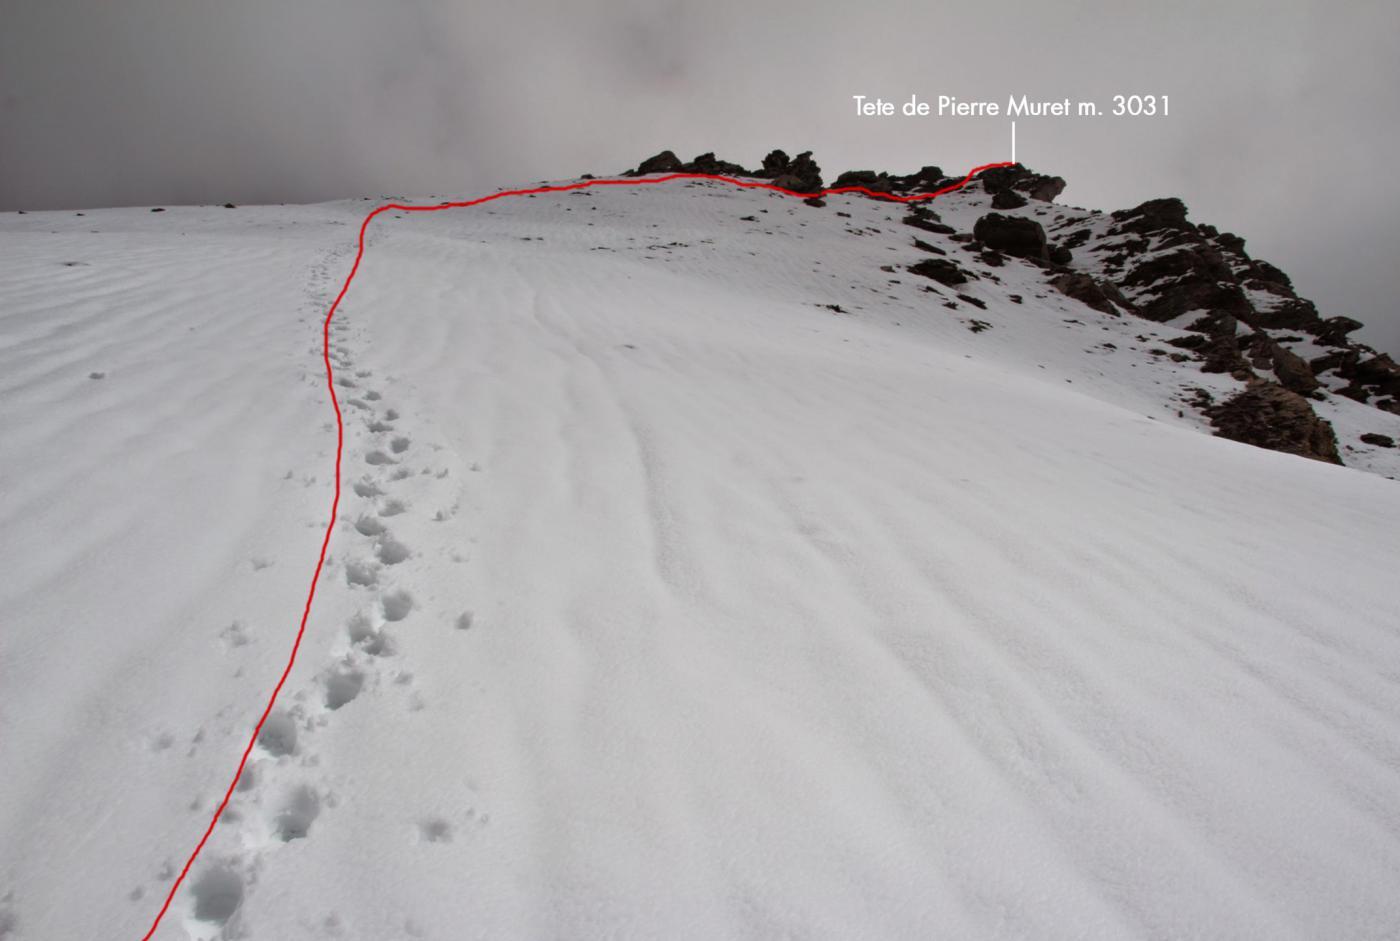 la ripida rampa finale e la cresta di roccette che conducono in cima